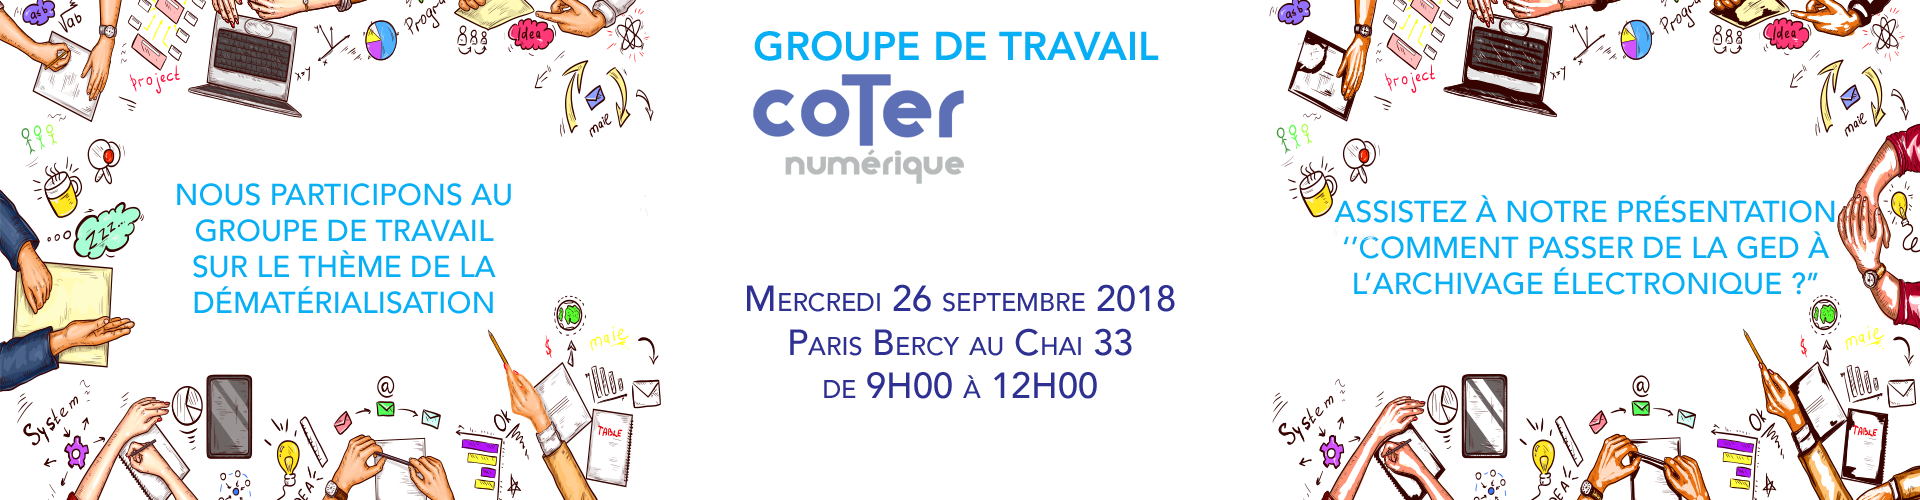 Bannière-Groupe-de-travail-CoTer--slideck-site